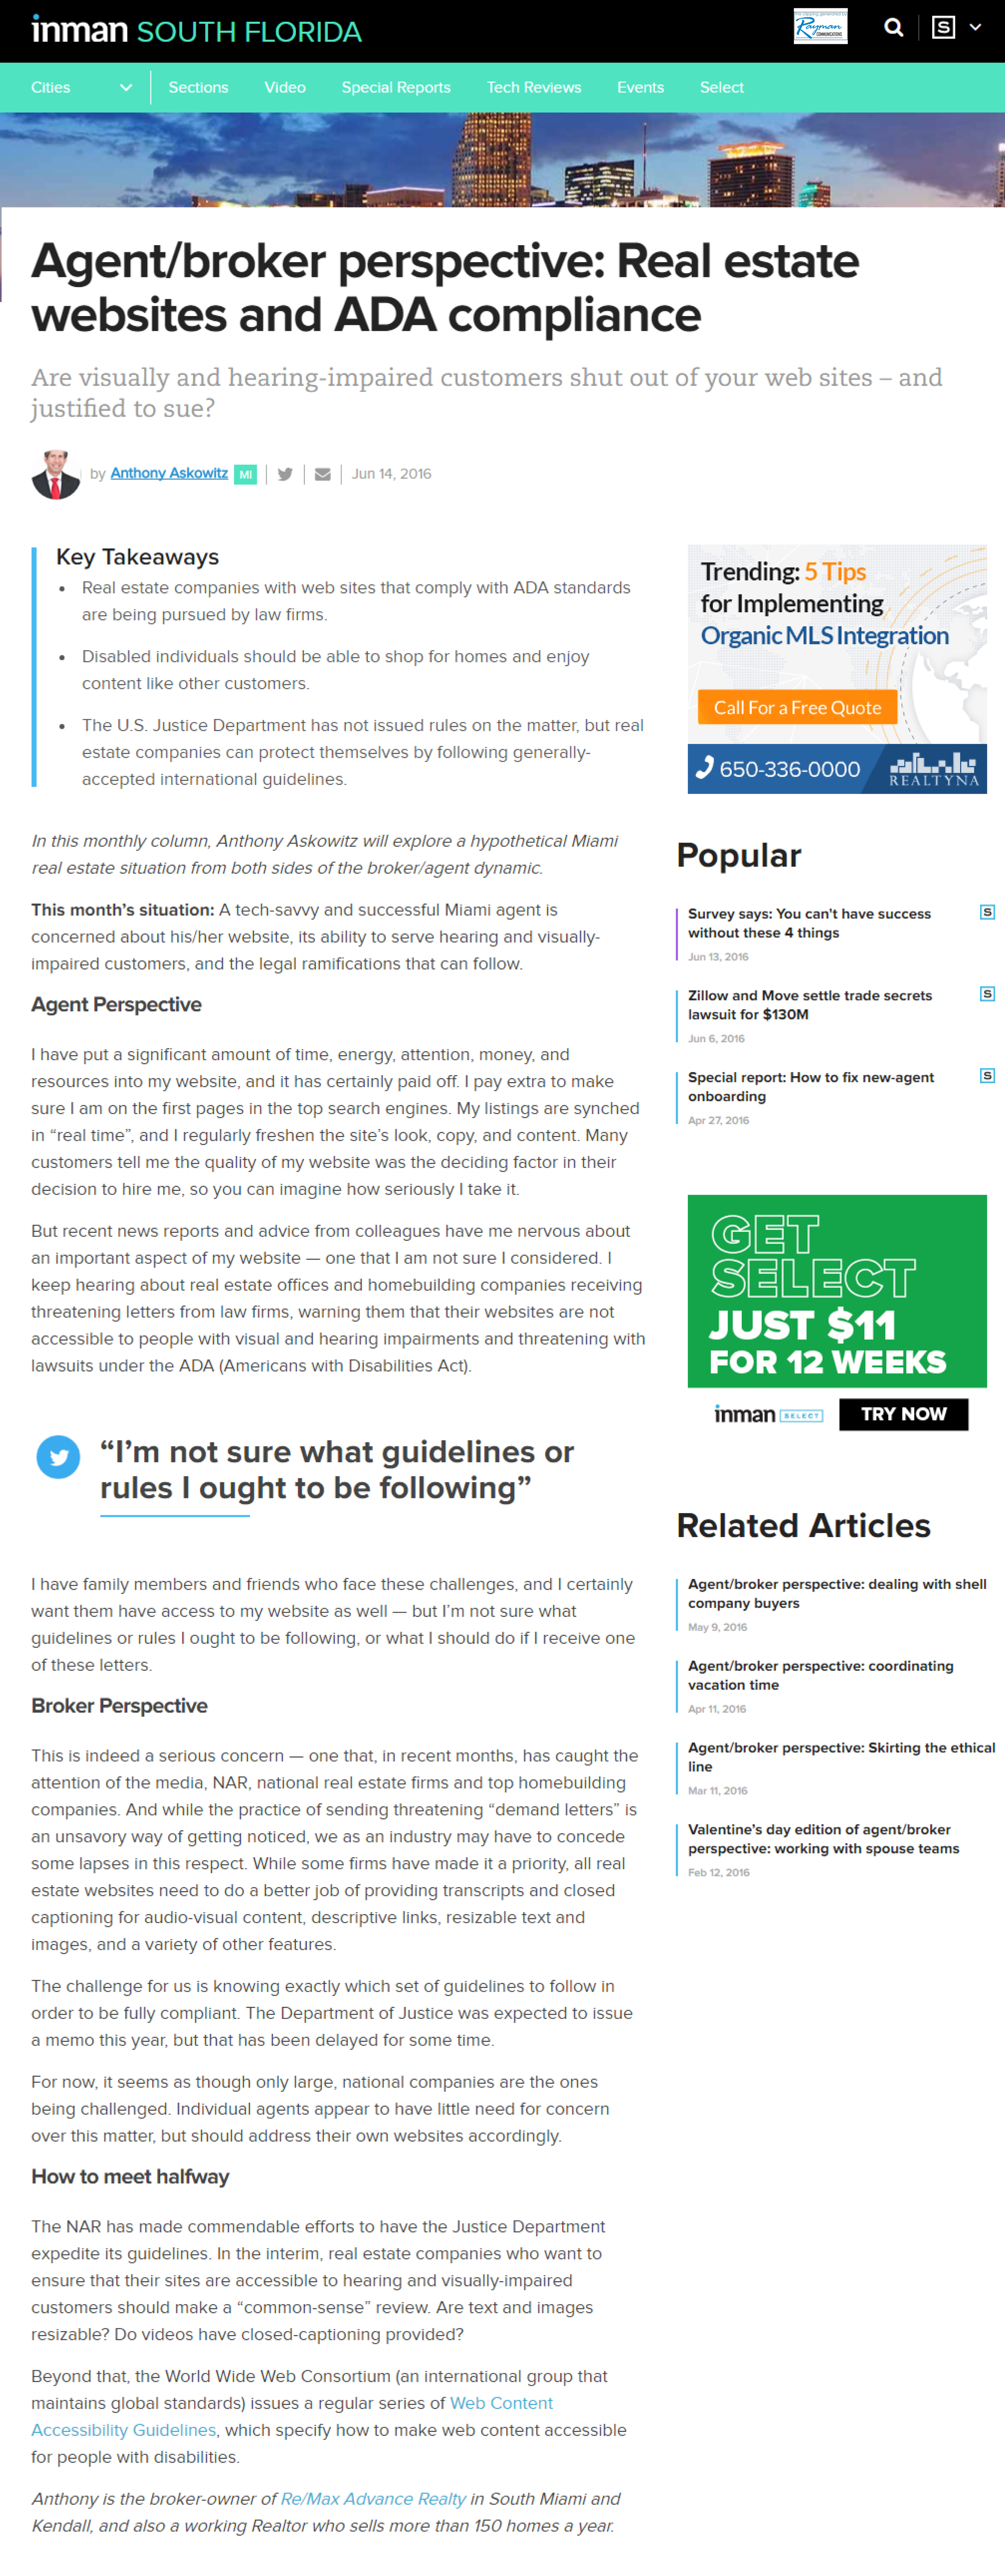 AA Agent Broker Perspective June 2016 - 6.jpg